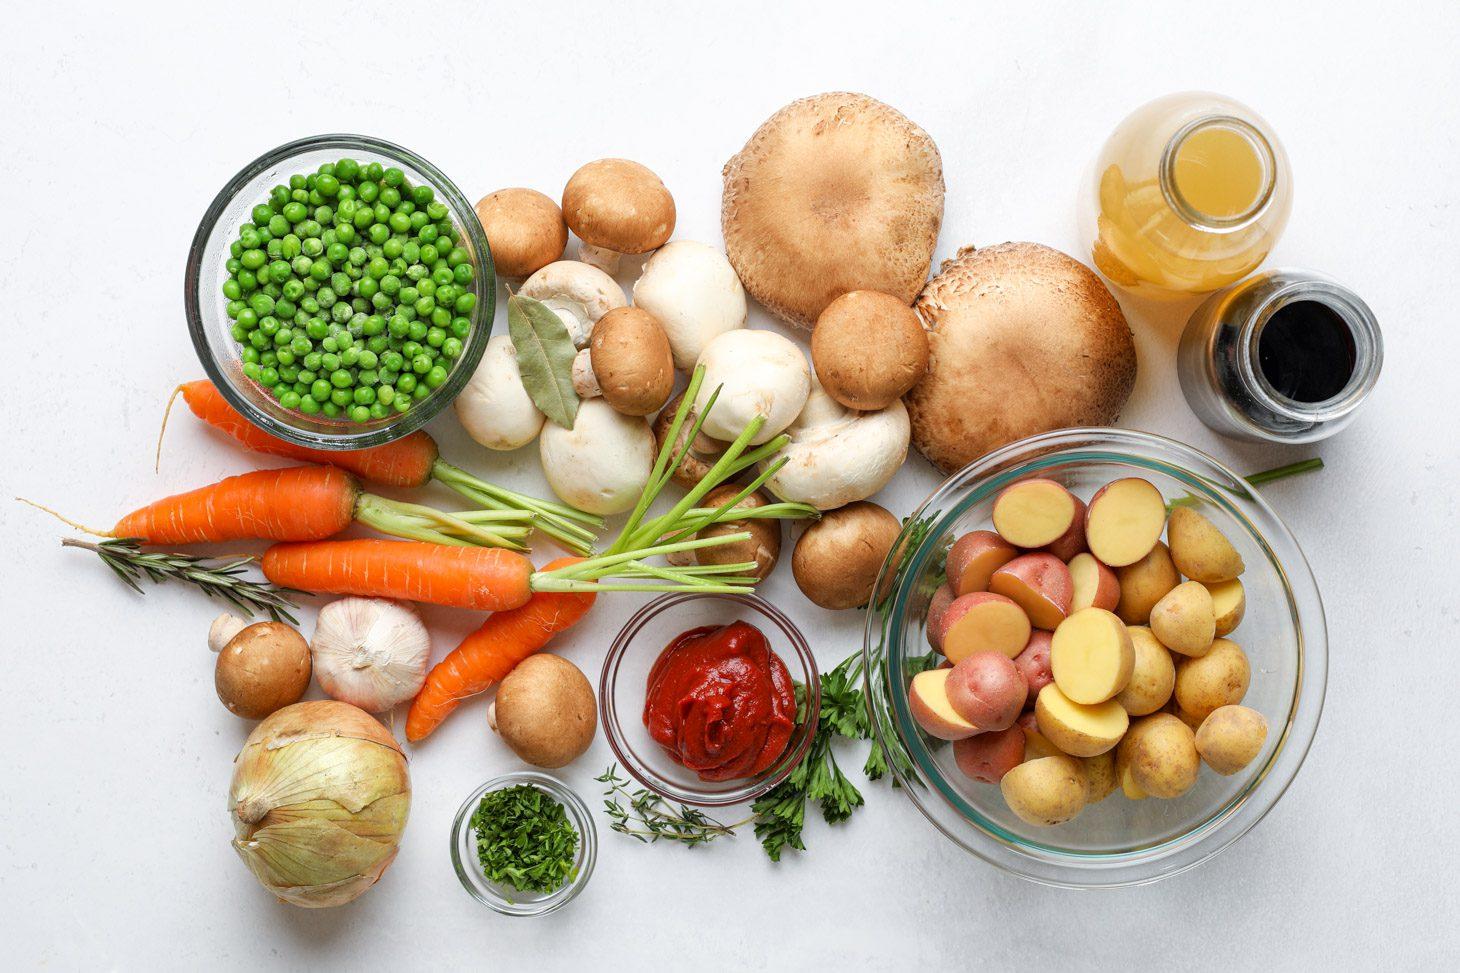 Easy mushroom recipe